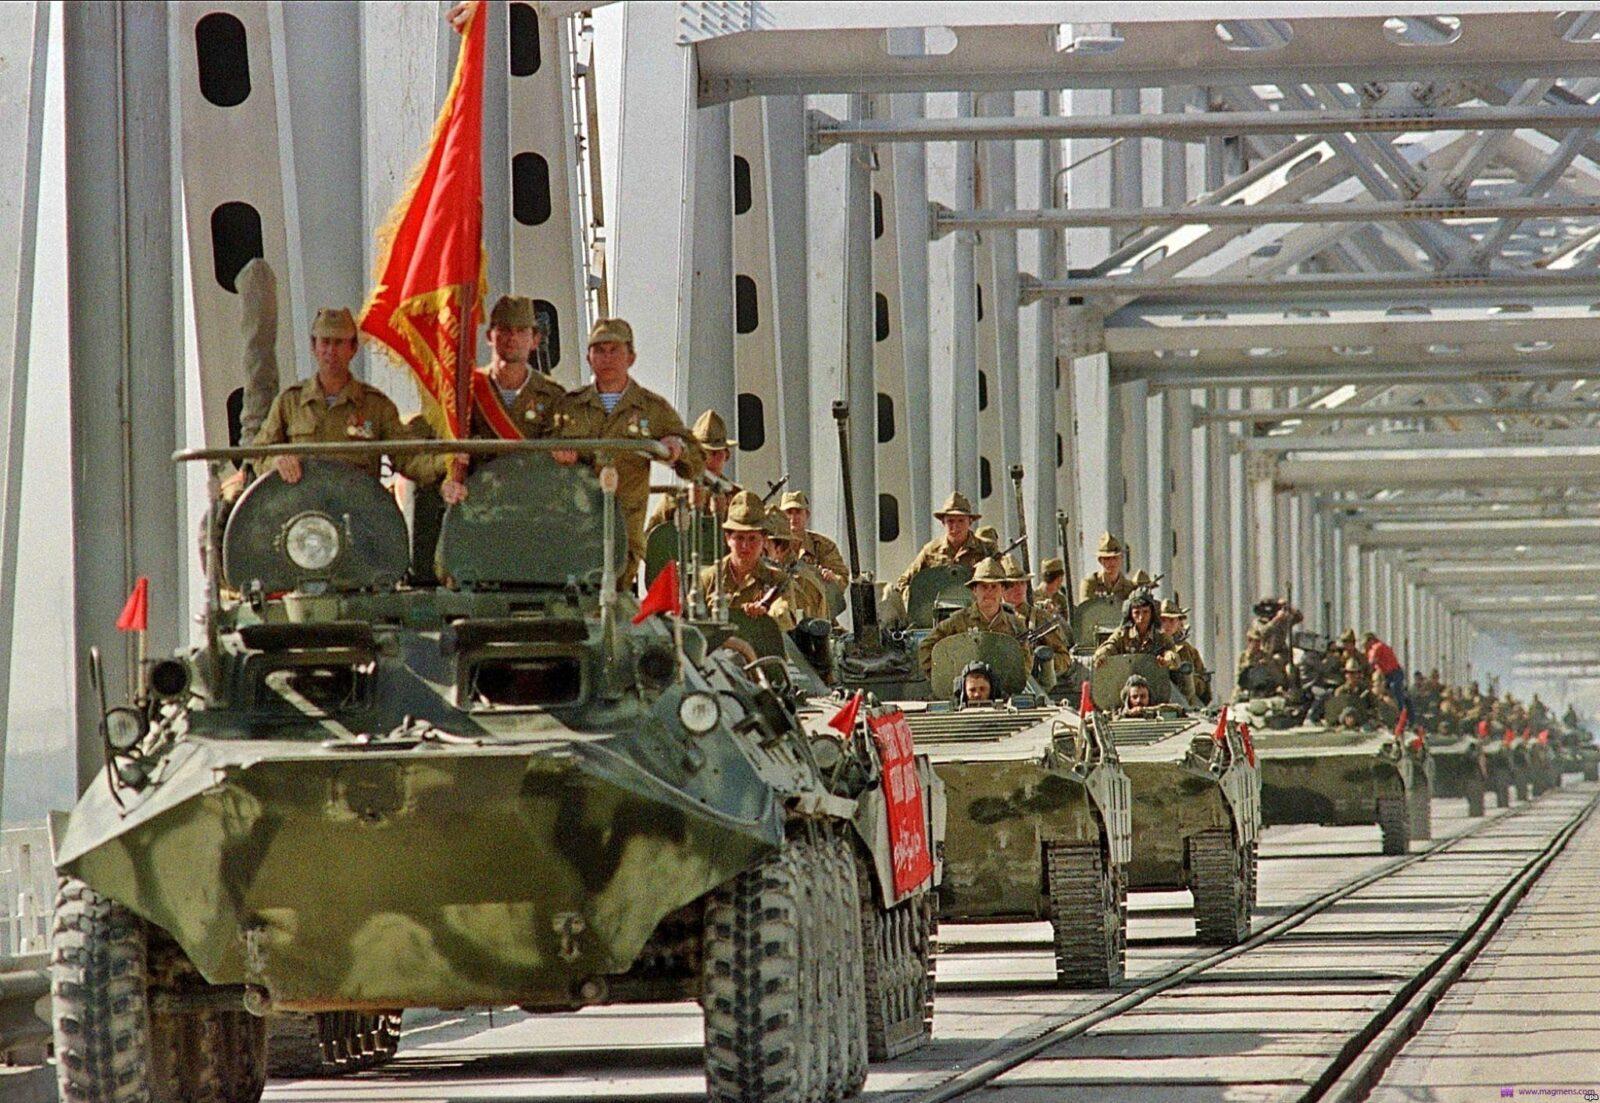 3ab9485df5ef2265ad5db586cef10f7b - 31-ая годовщина вывода советских войск из  Афганистана